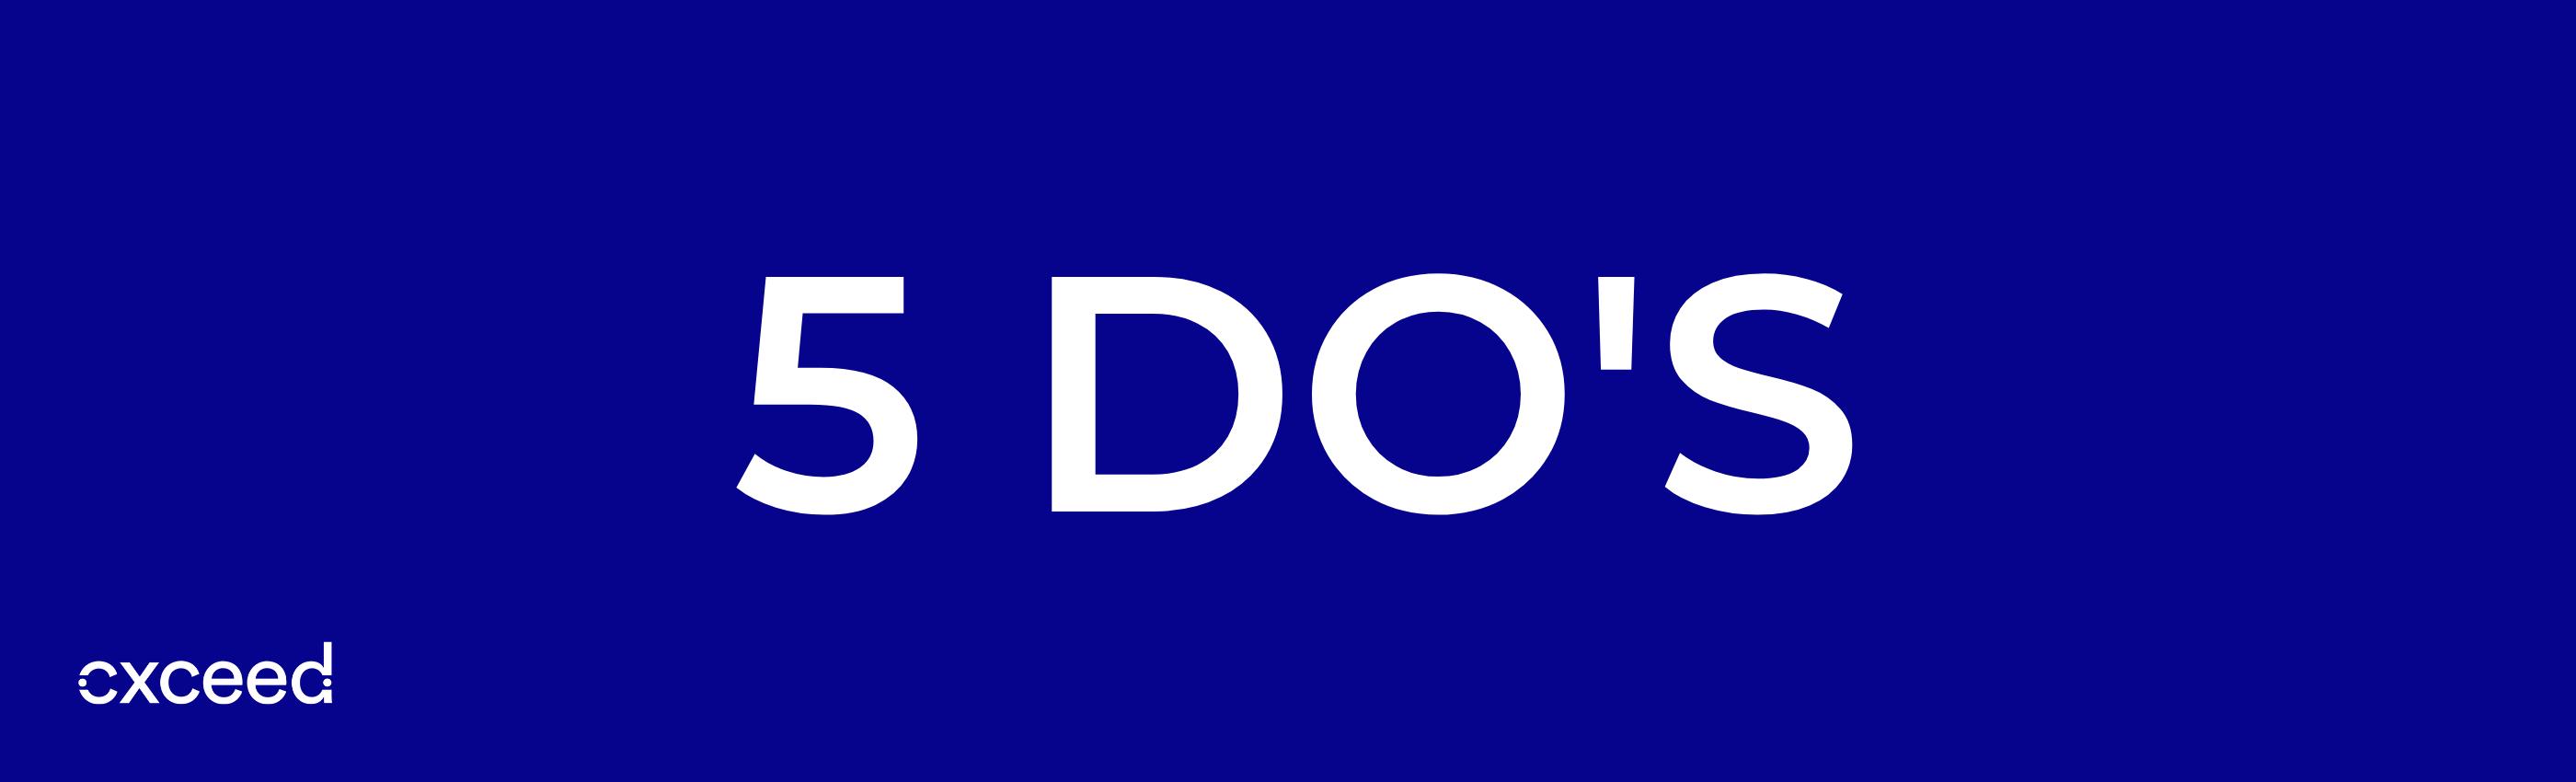 5 dos